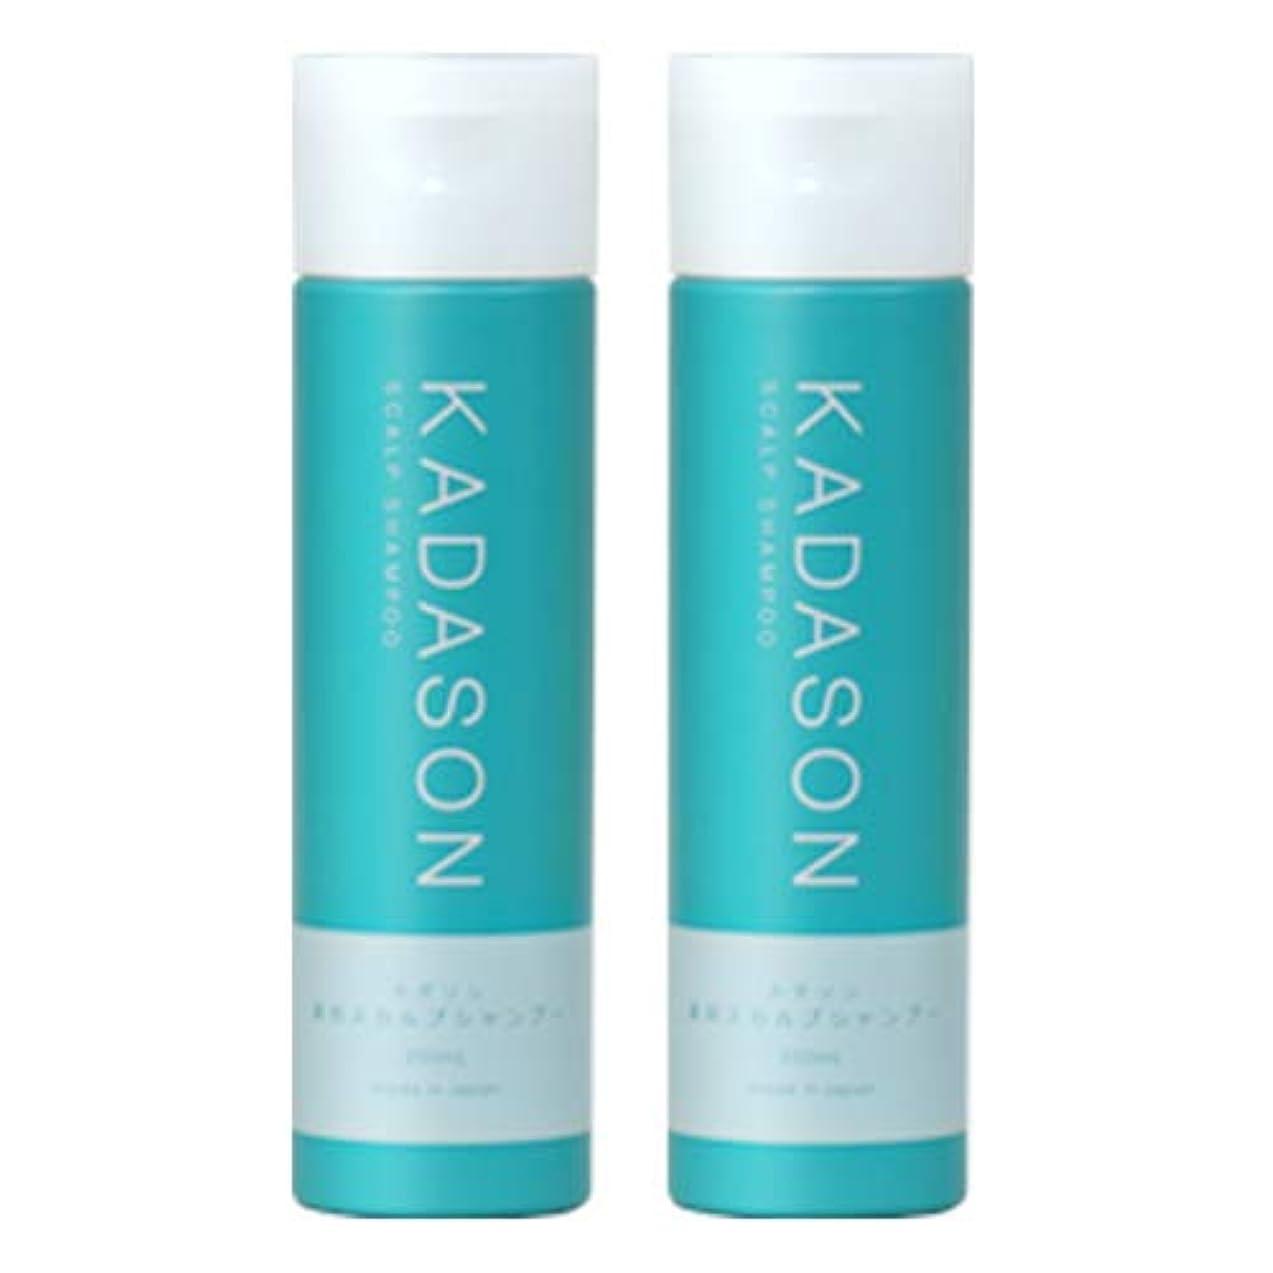 [ 医薬部外品 ] KADASON (カダソン) スカルプシャンプー 2本×250ml セット 【脂漏性皮膚炎専門医が監修】(日本製) 脂性肌 薬用シャンプー 天然由来成分